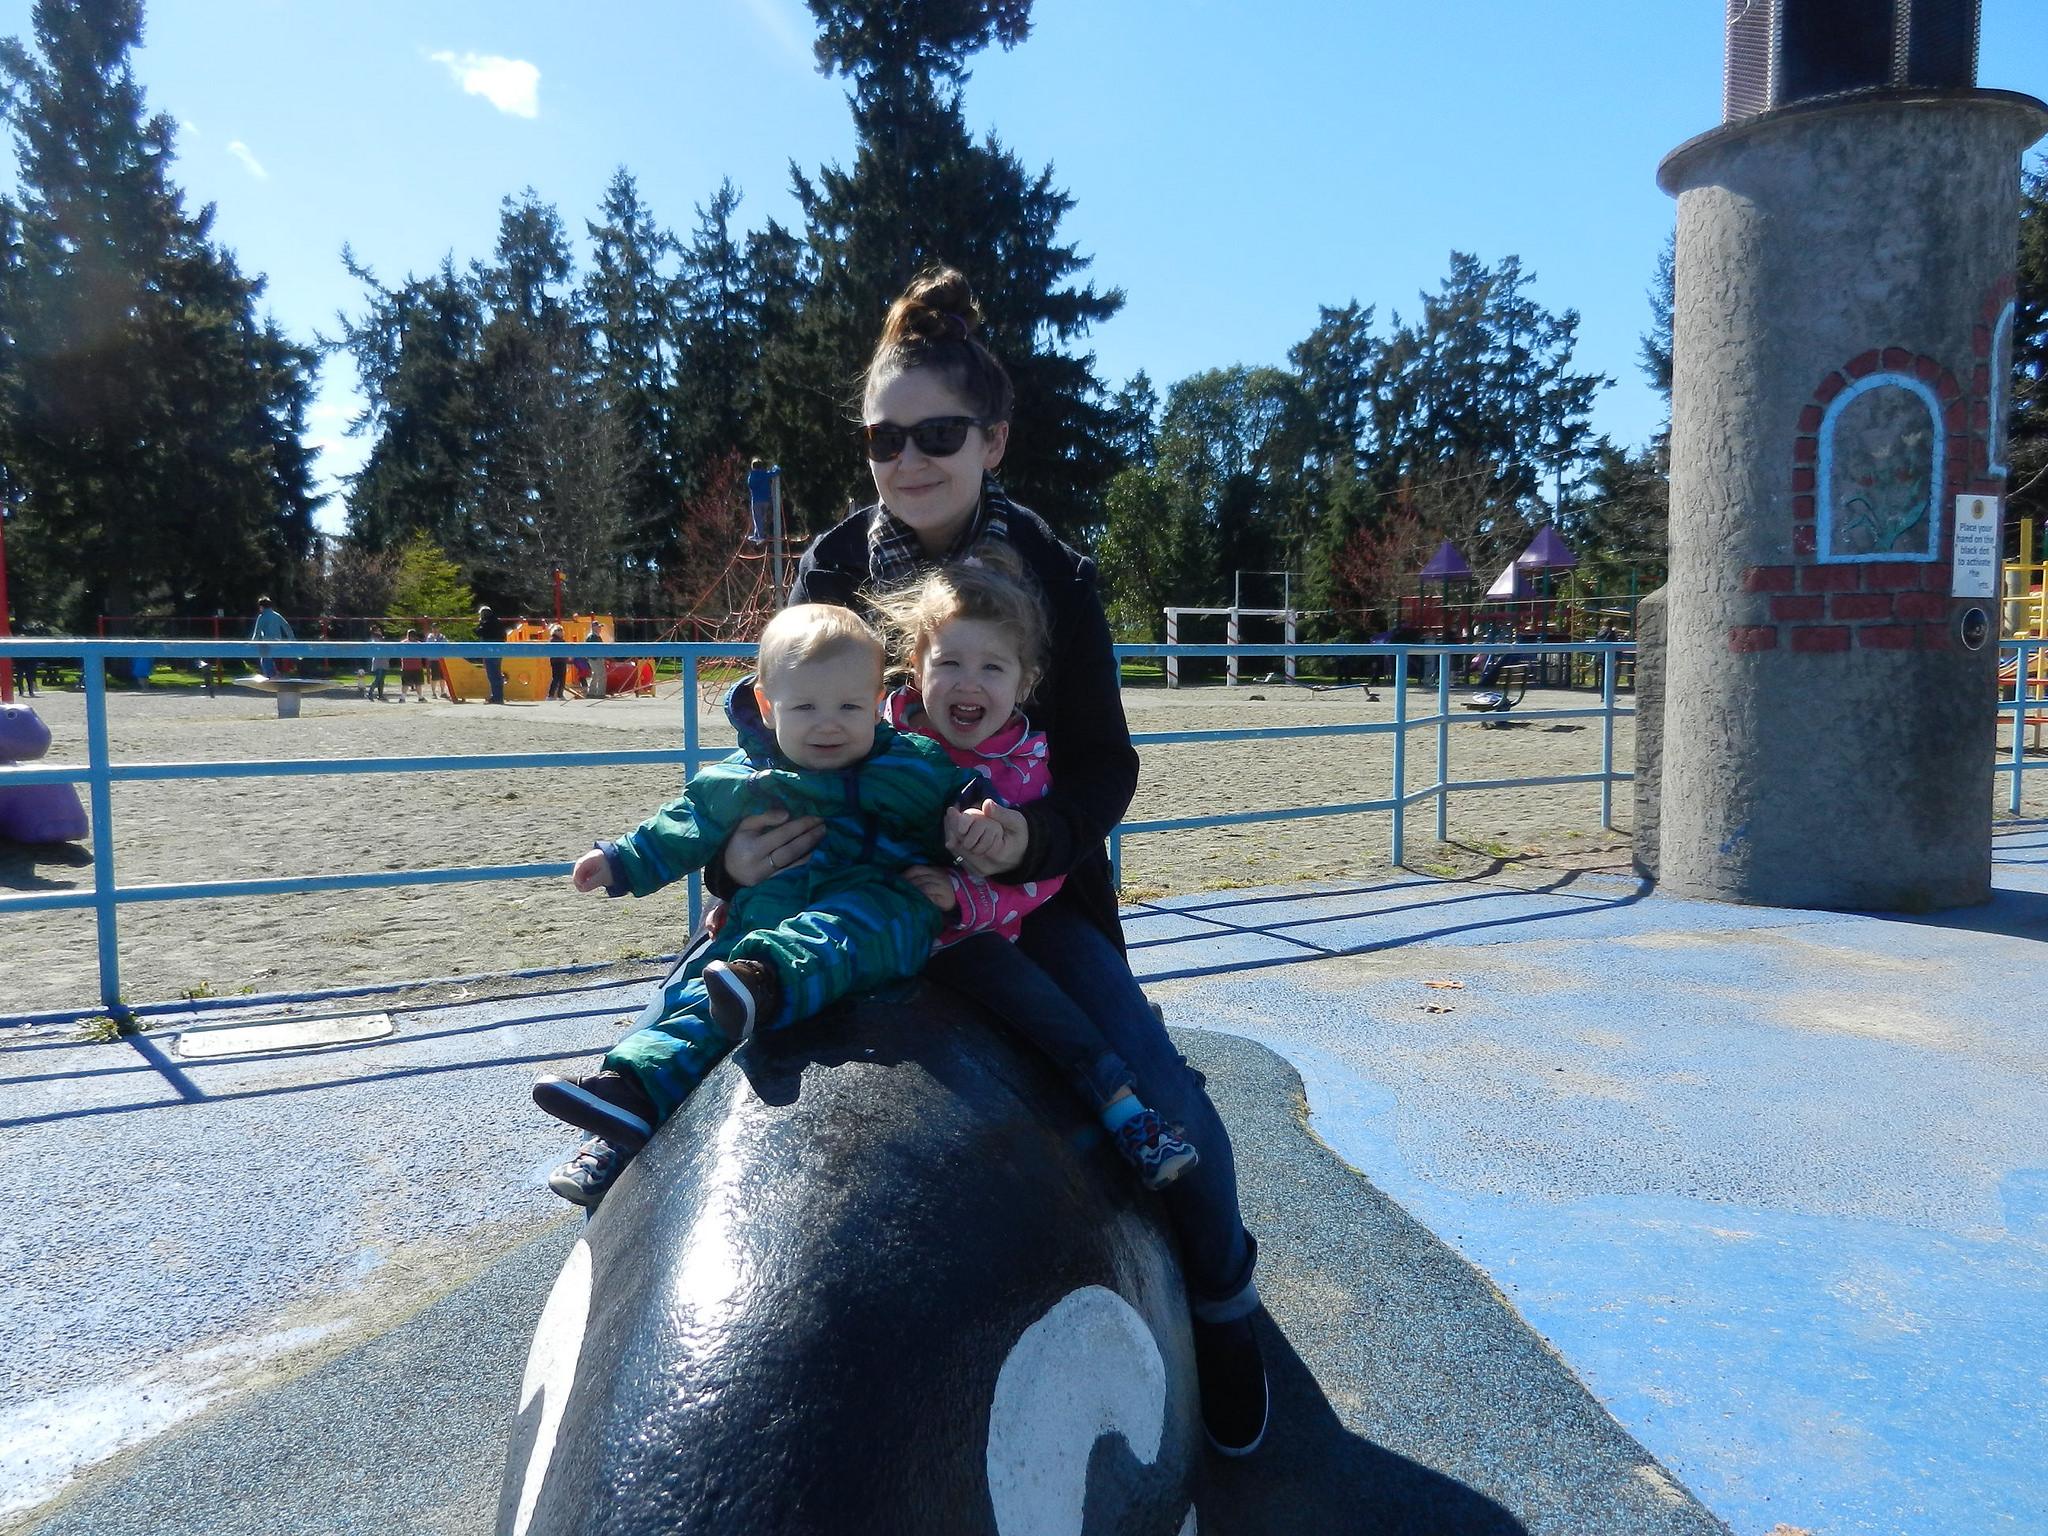 parksville community park